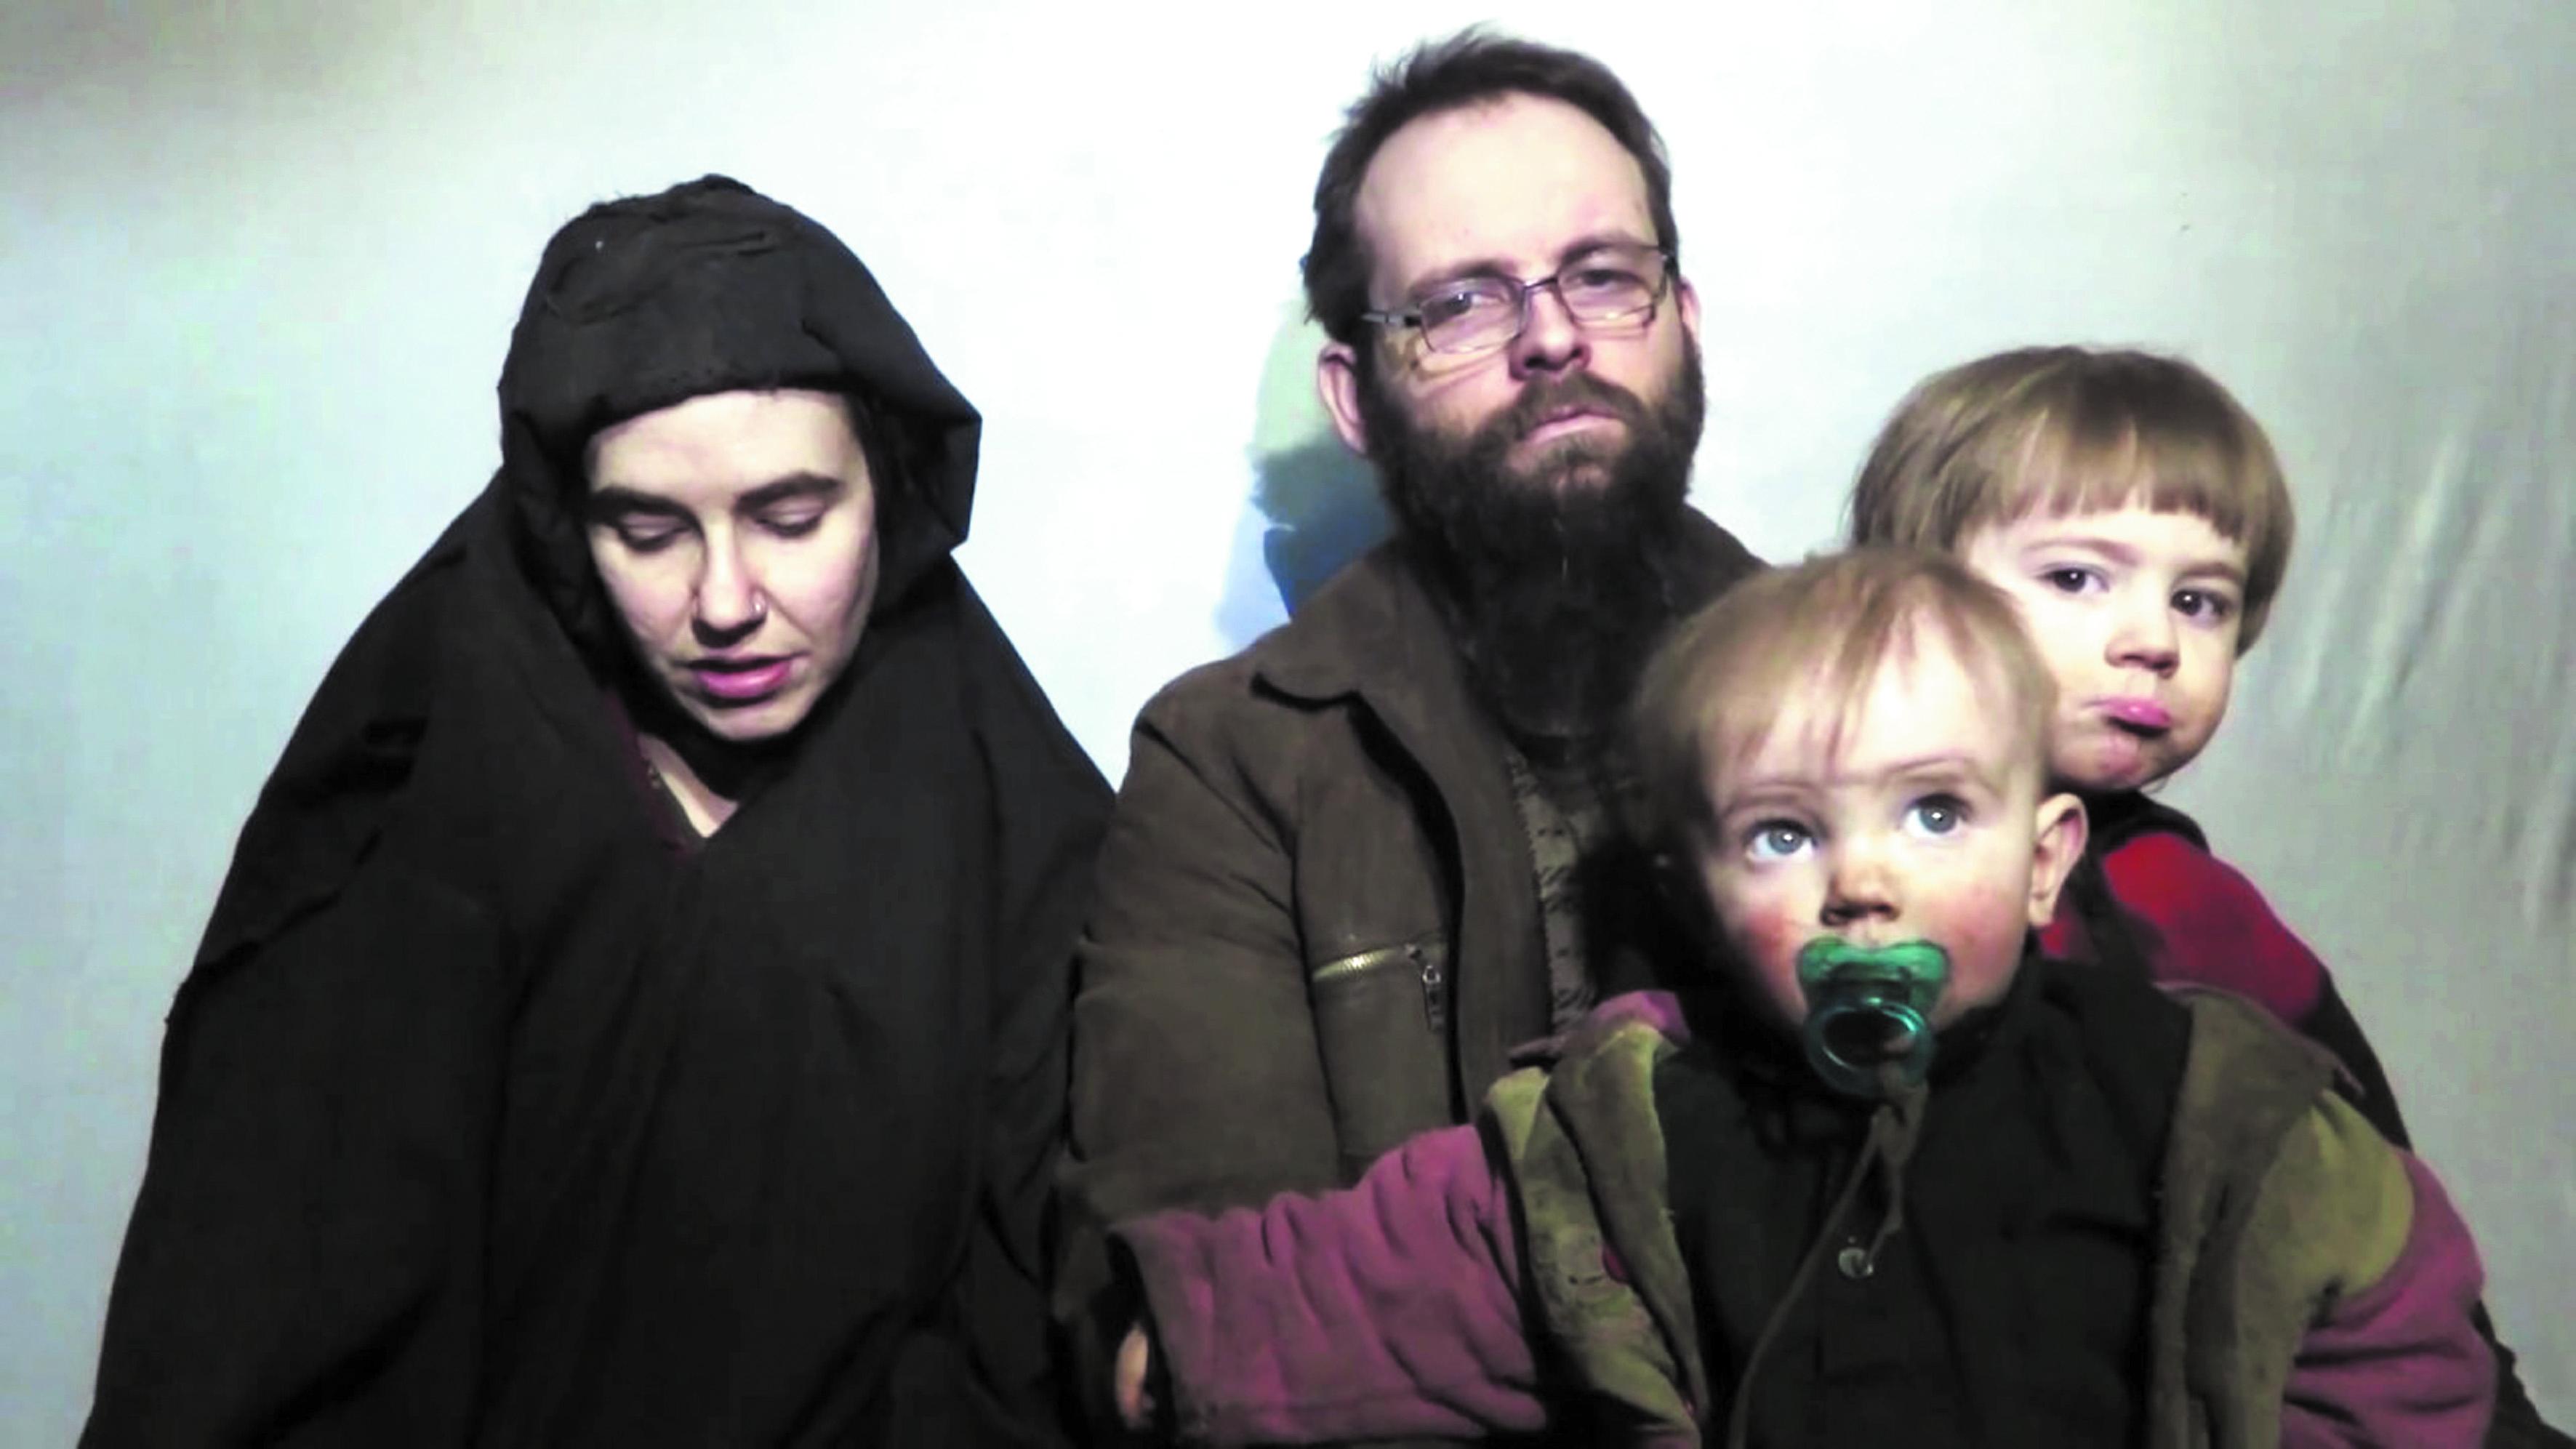 Caitlan et Joshua, deux aventuriers pris dans la nasse des talibans